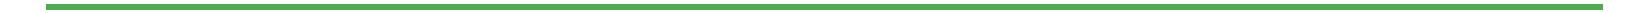 Networks%20e-mailer-06.jpg?v=1583921180359